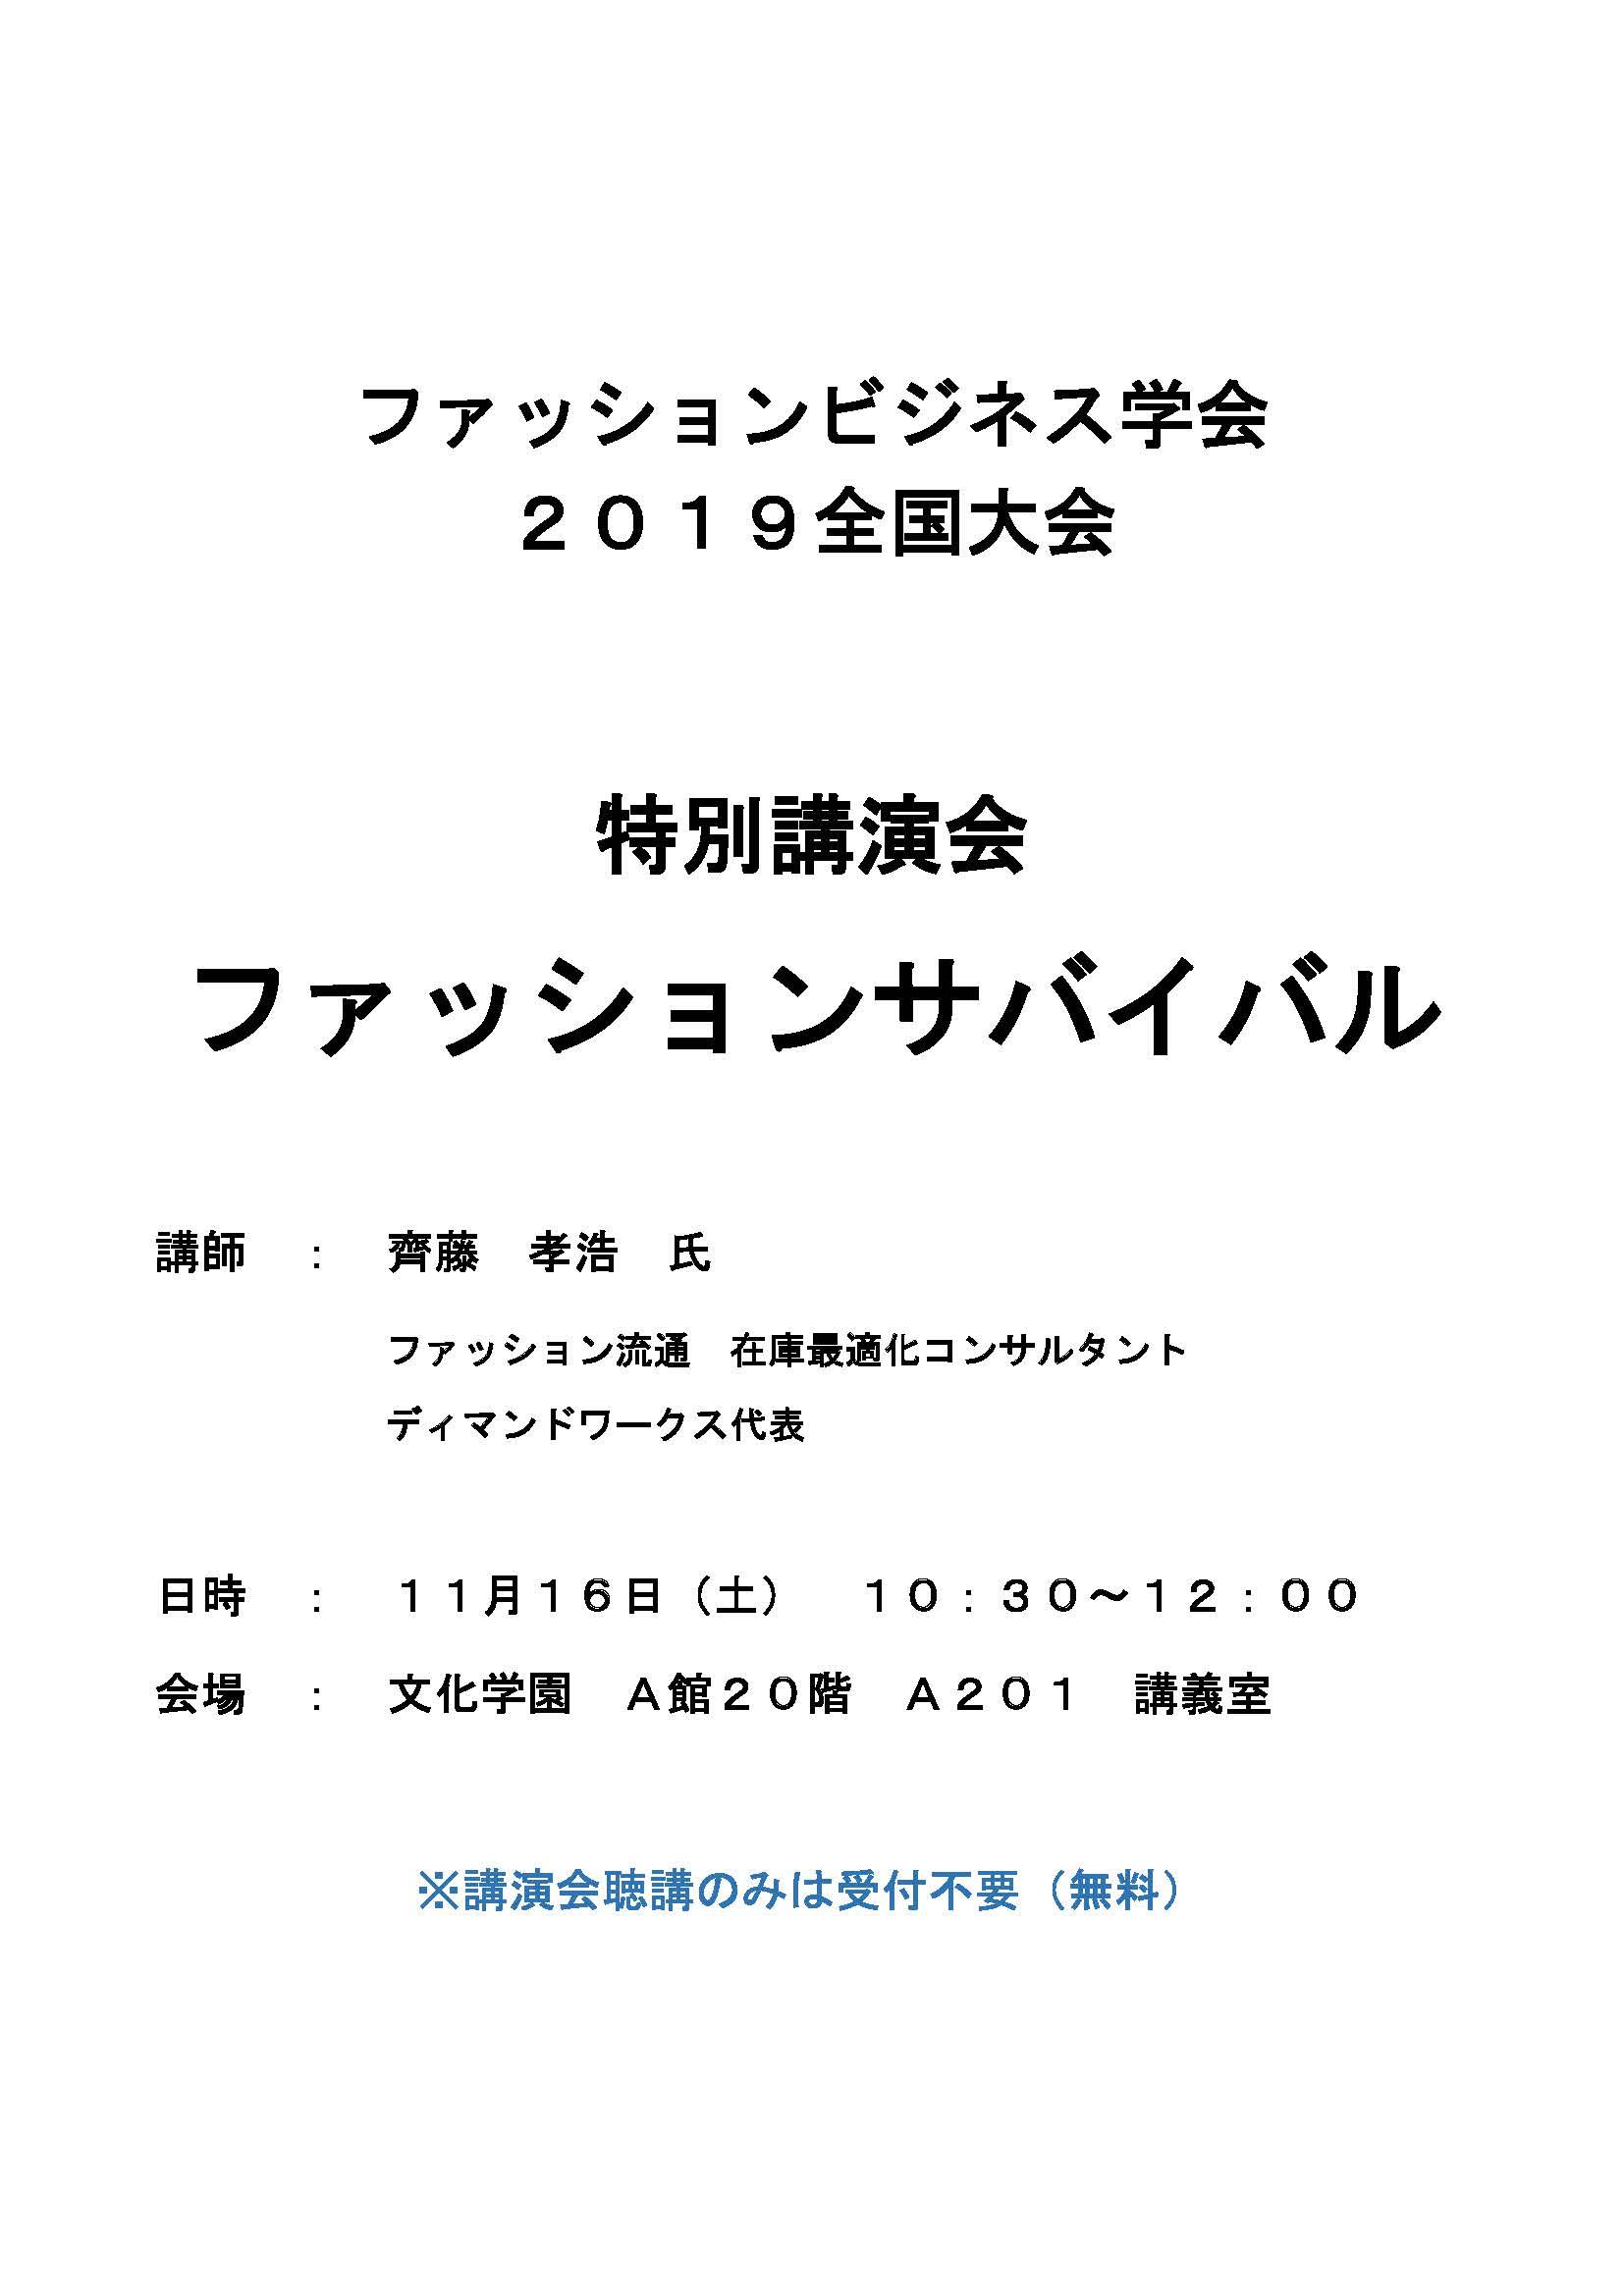 2019全国大会掲示ポスター